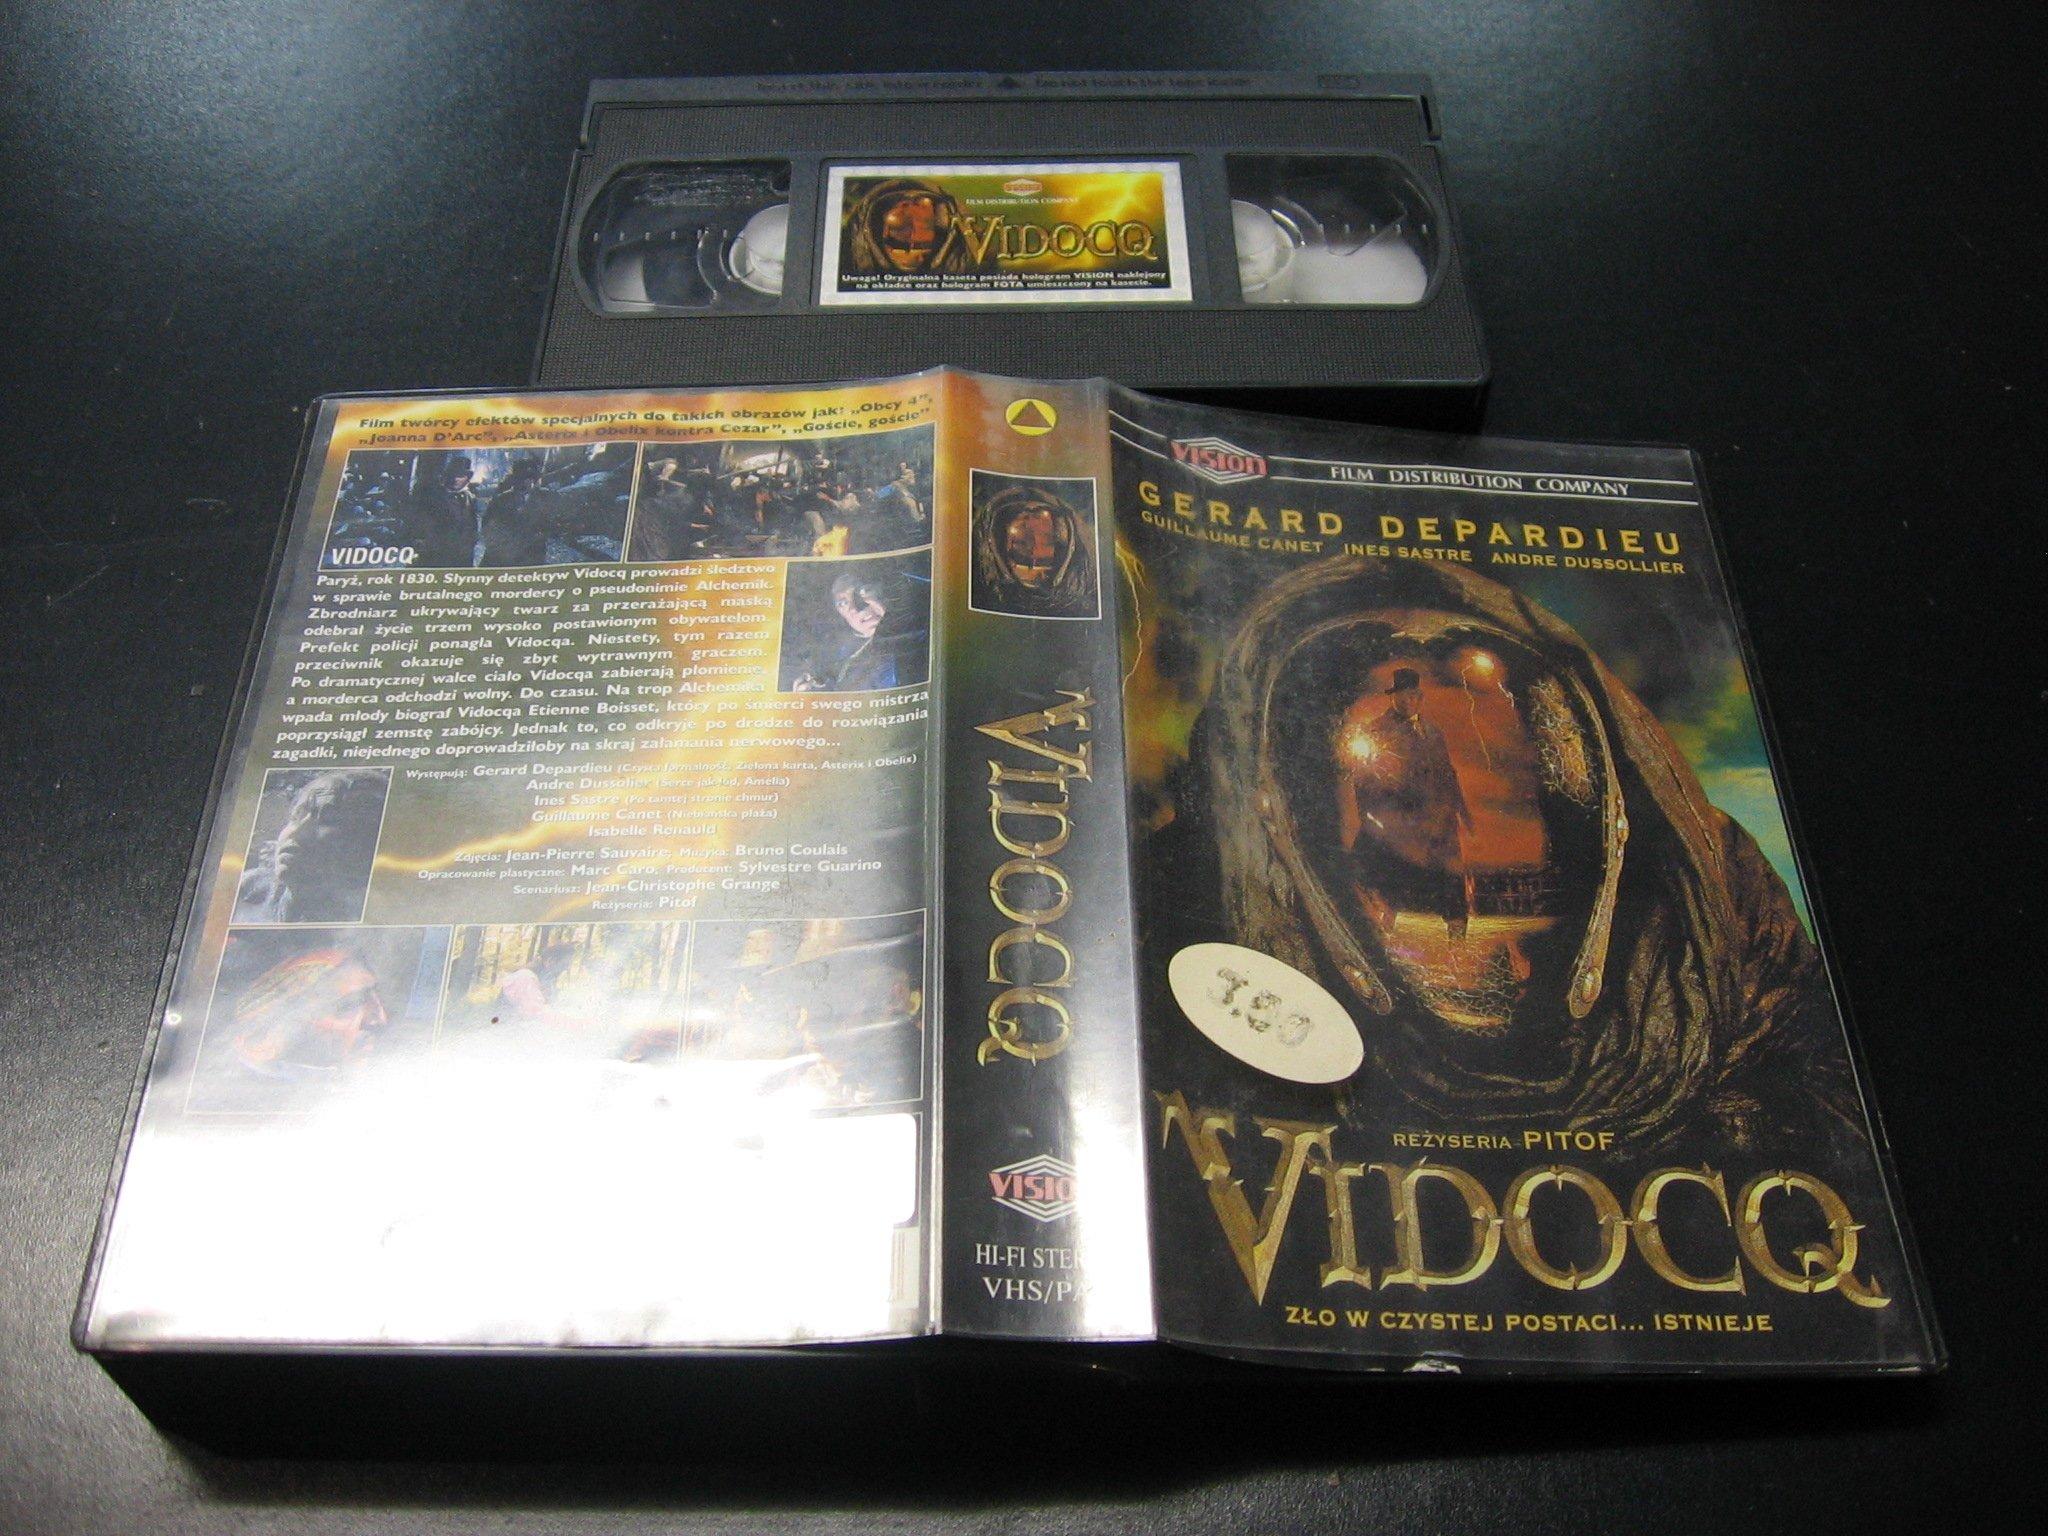 VIDOCQ ```````````` VHS ```````````` Opole 0616